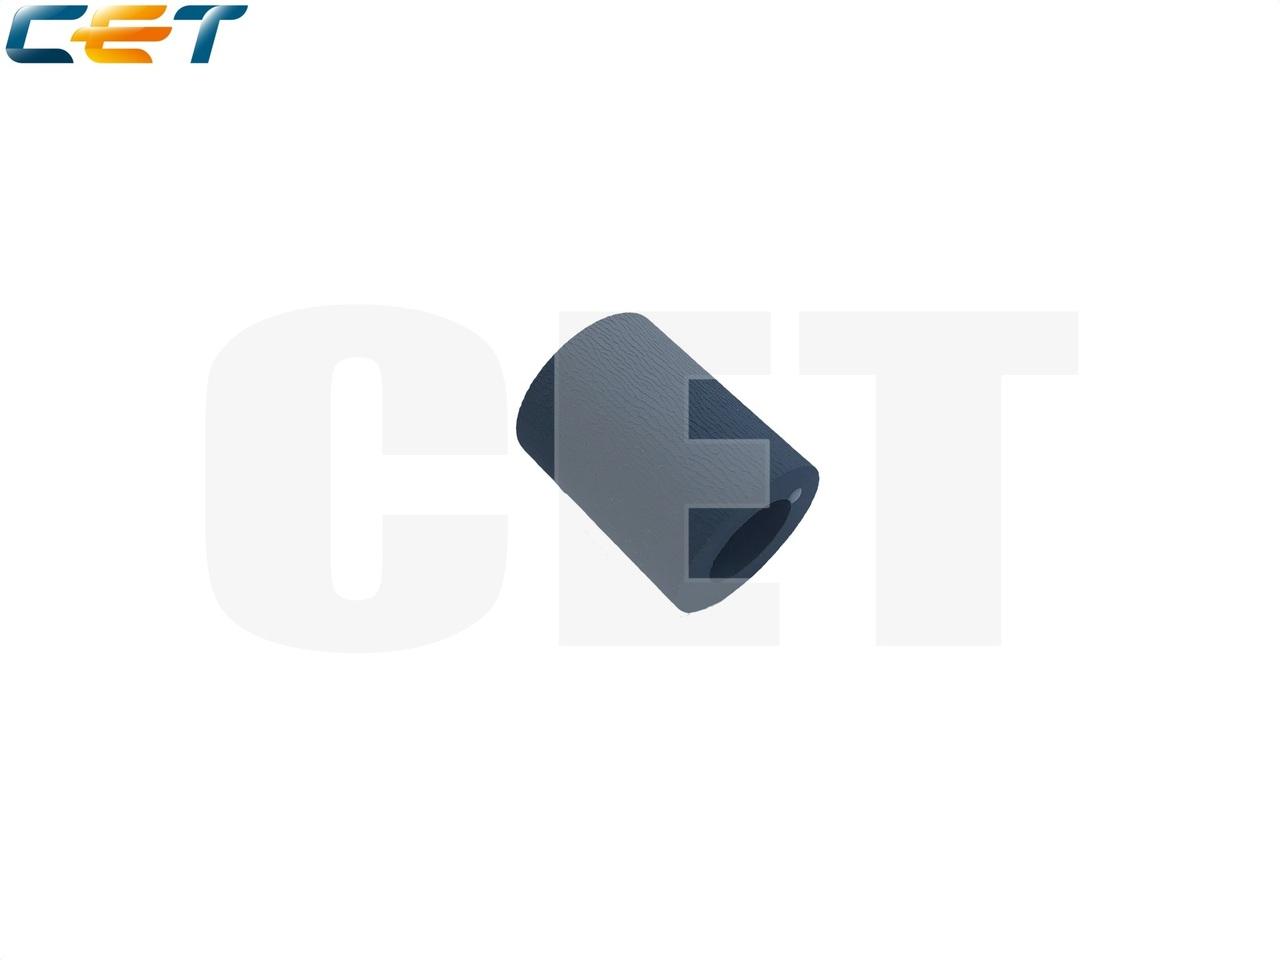 Резинка ролика подачи 2AR07220 для KYOCERAKM-1620/1635/2035/2530/3035 (CET), CET8828, CET8828R